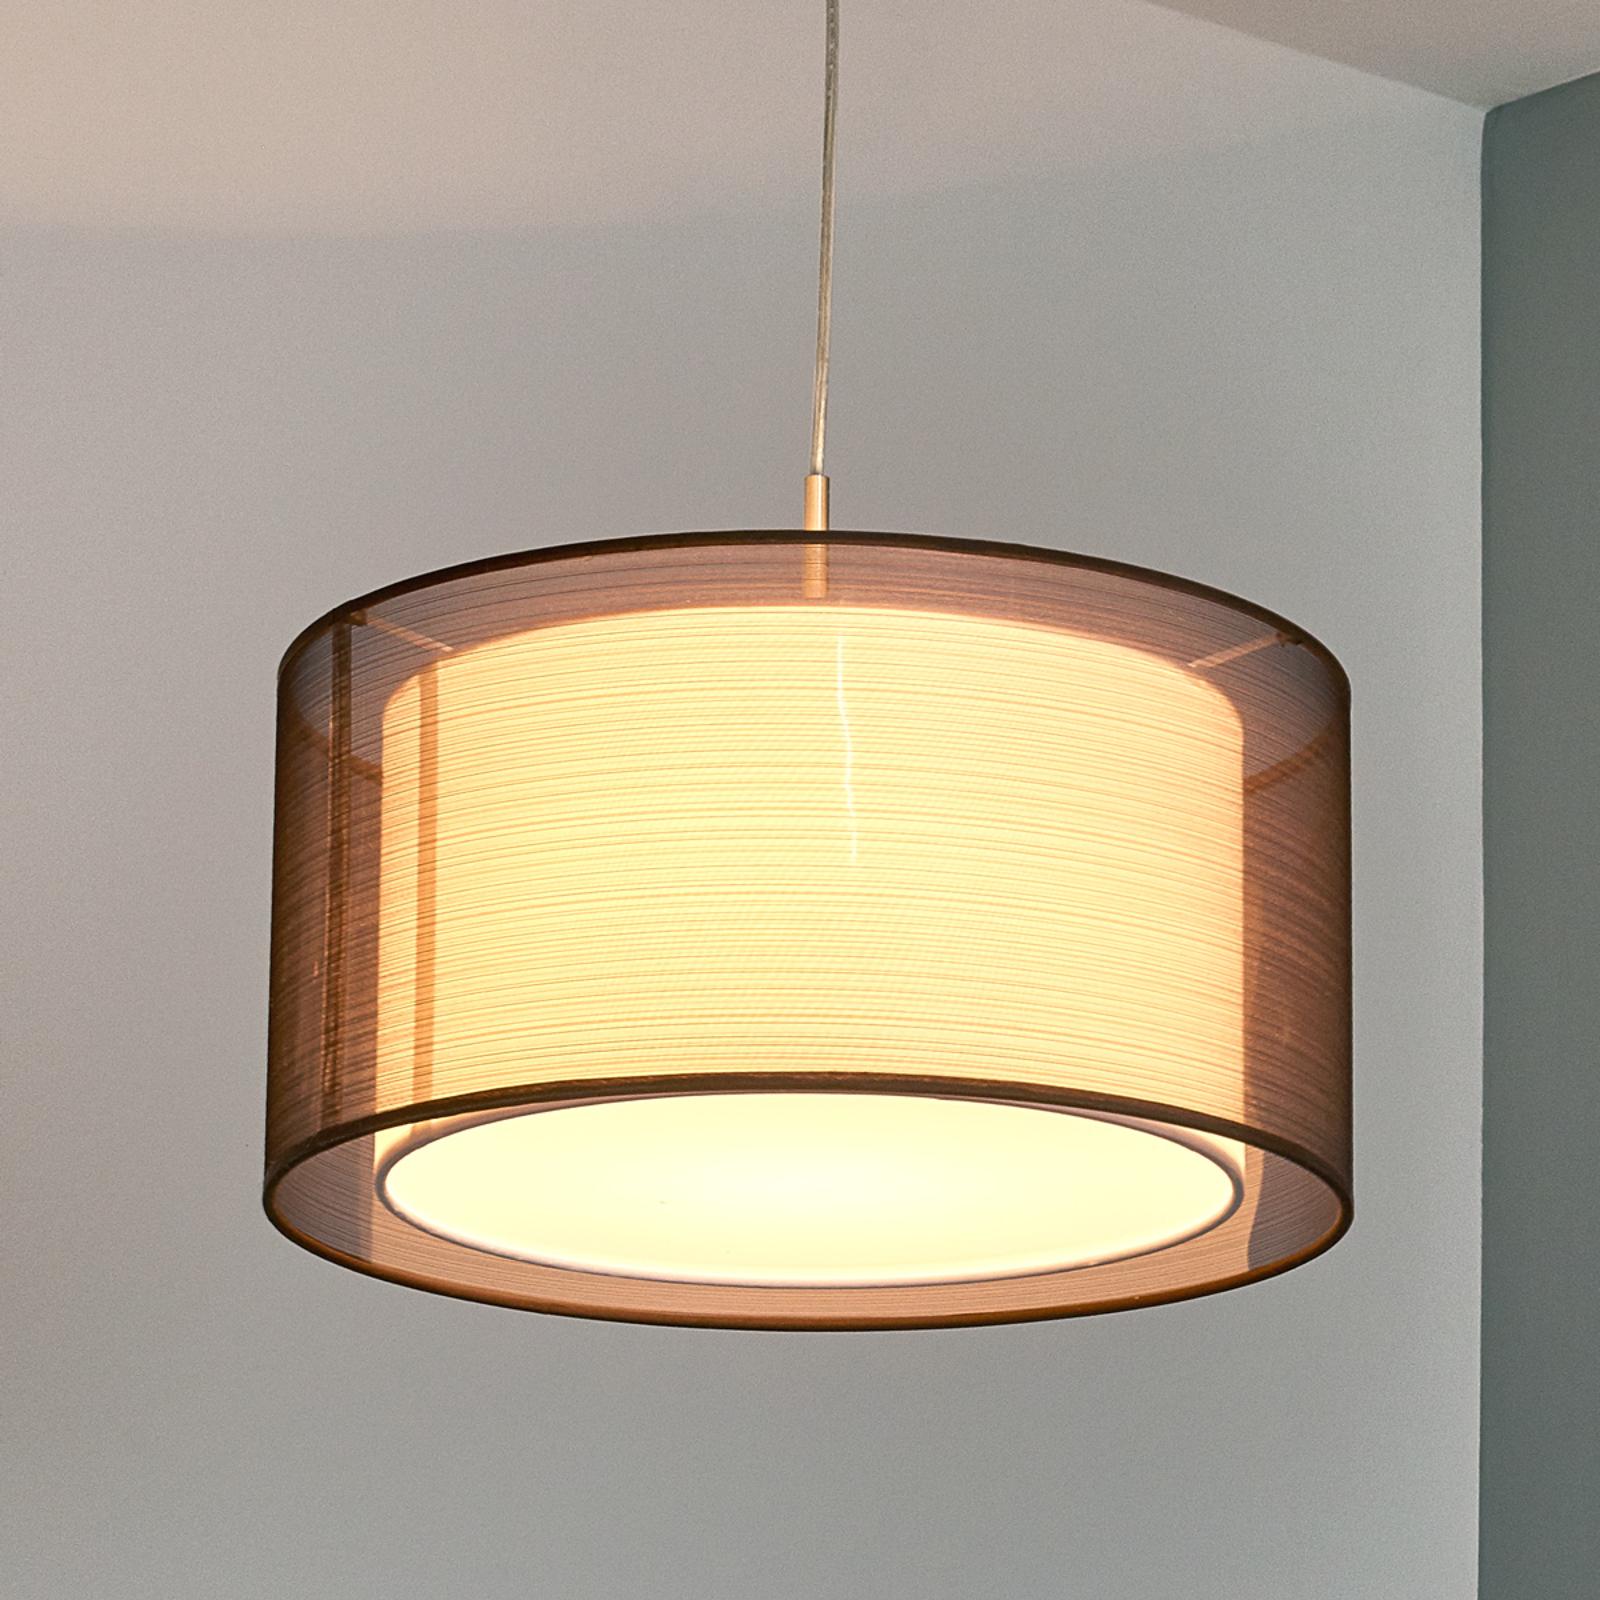 Materiałowa lampa wisząca Nica, brązowa